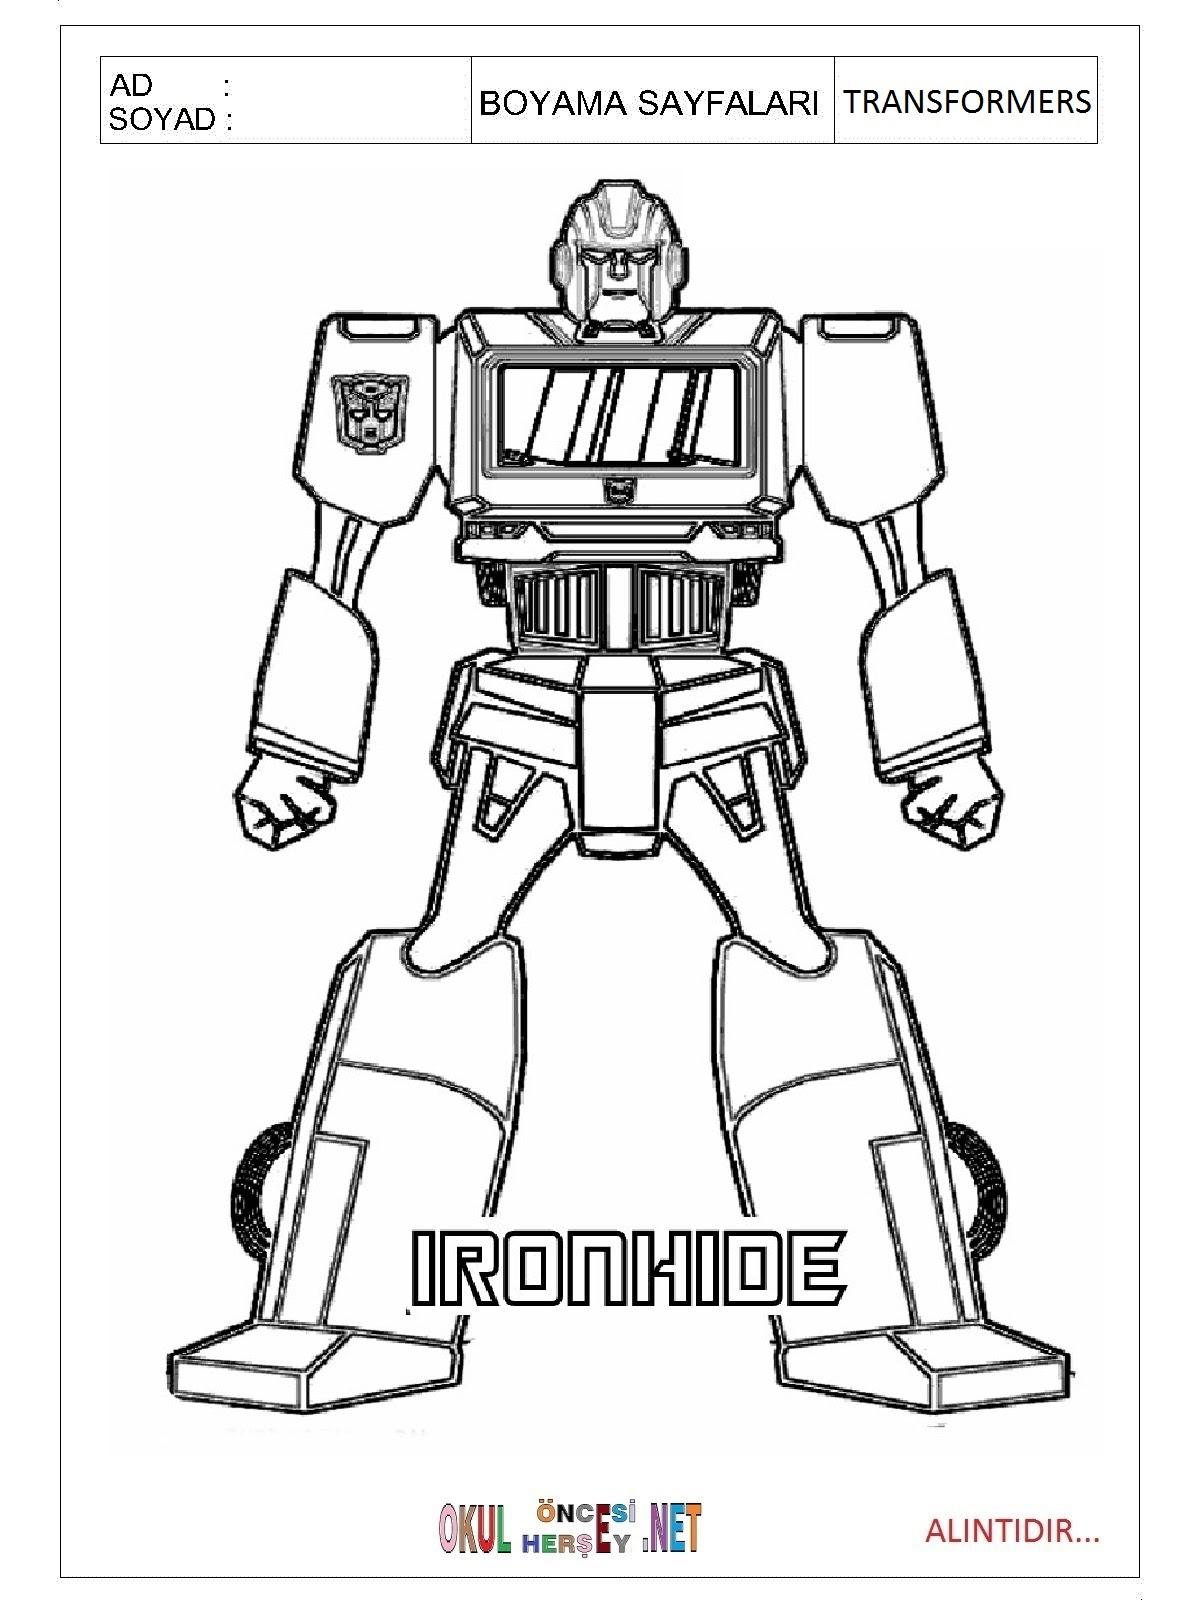 Transformers Boyama Sayfaları